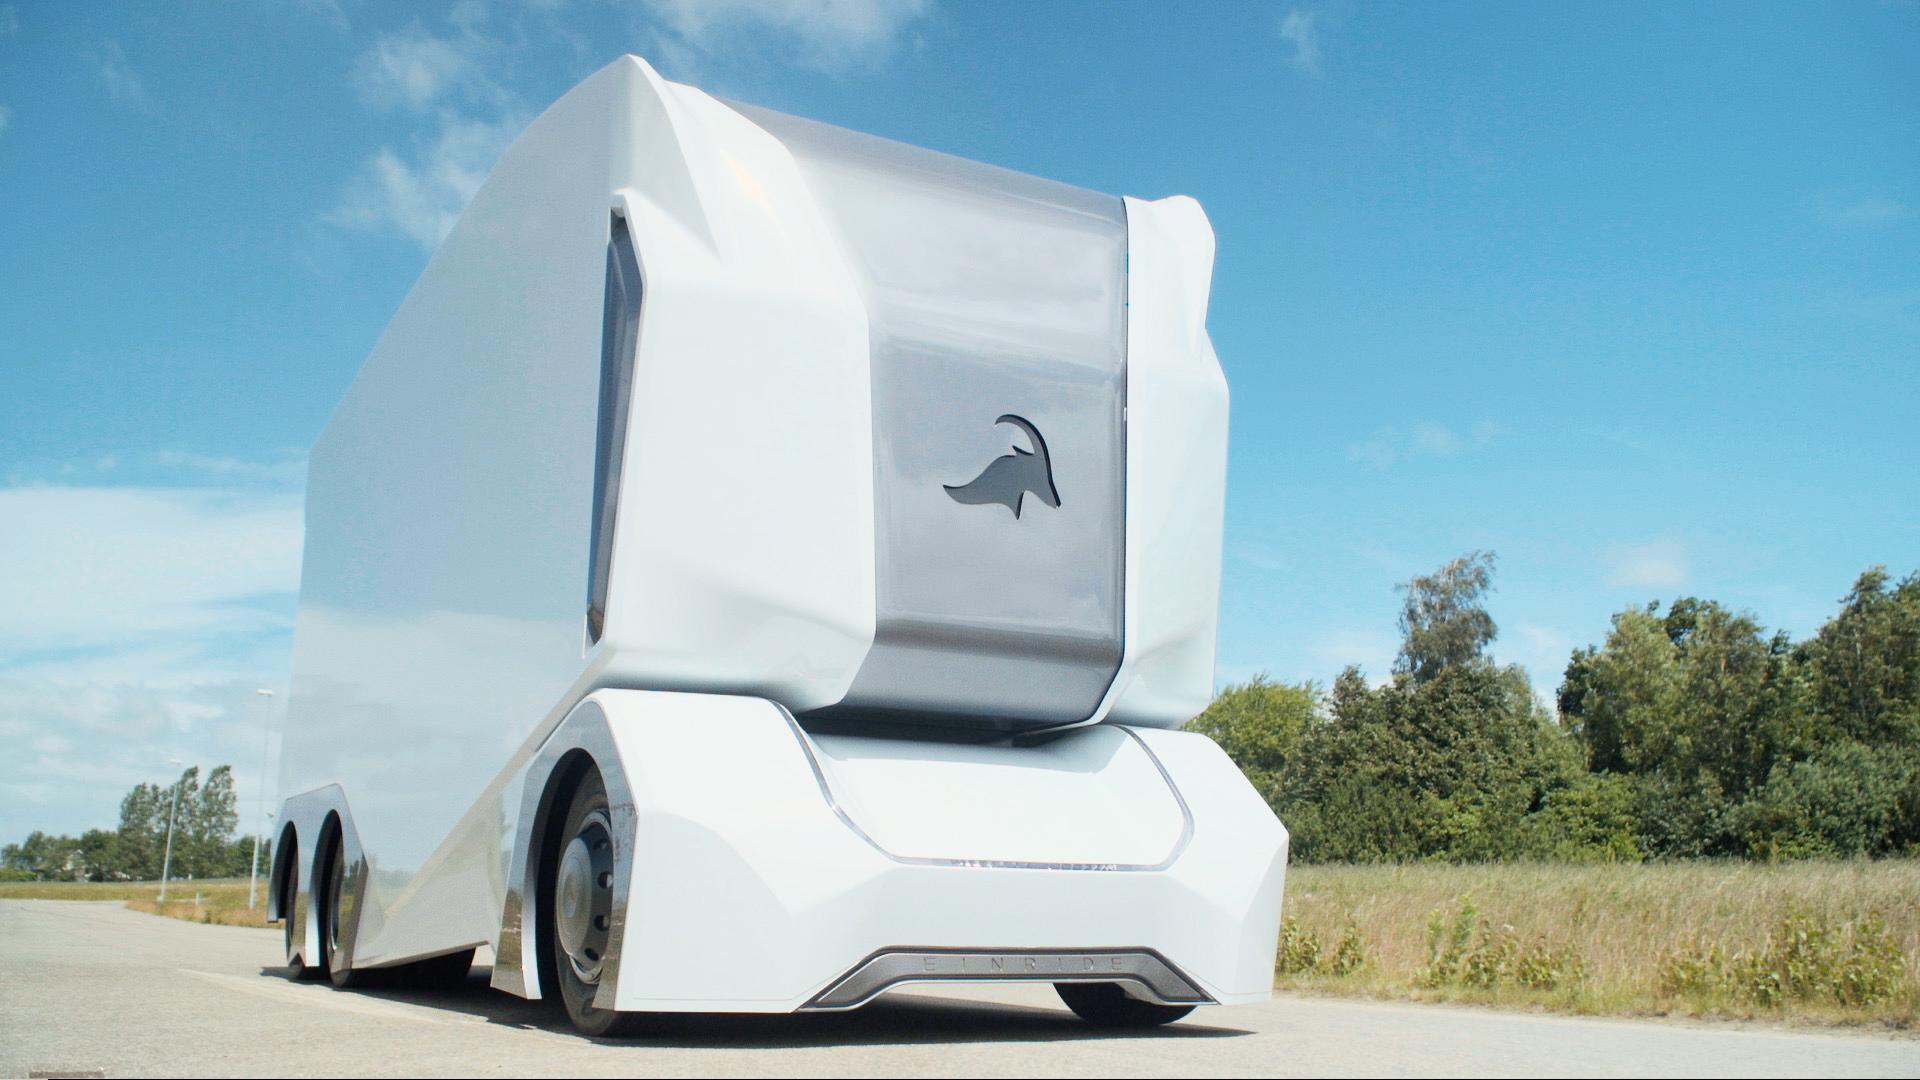 Los camiones autónomos llegarán a las calles de Suecia este año